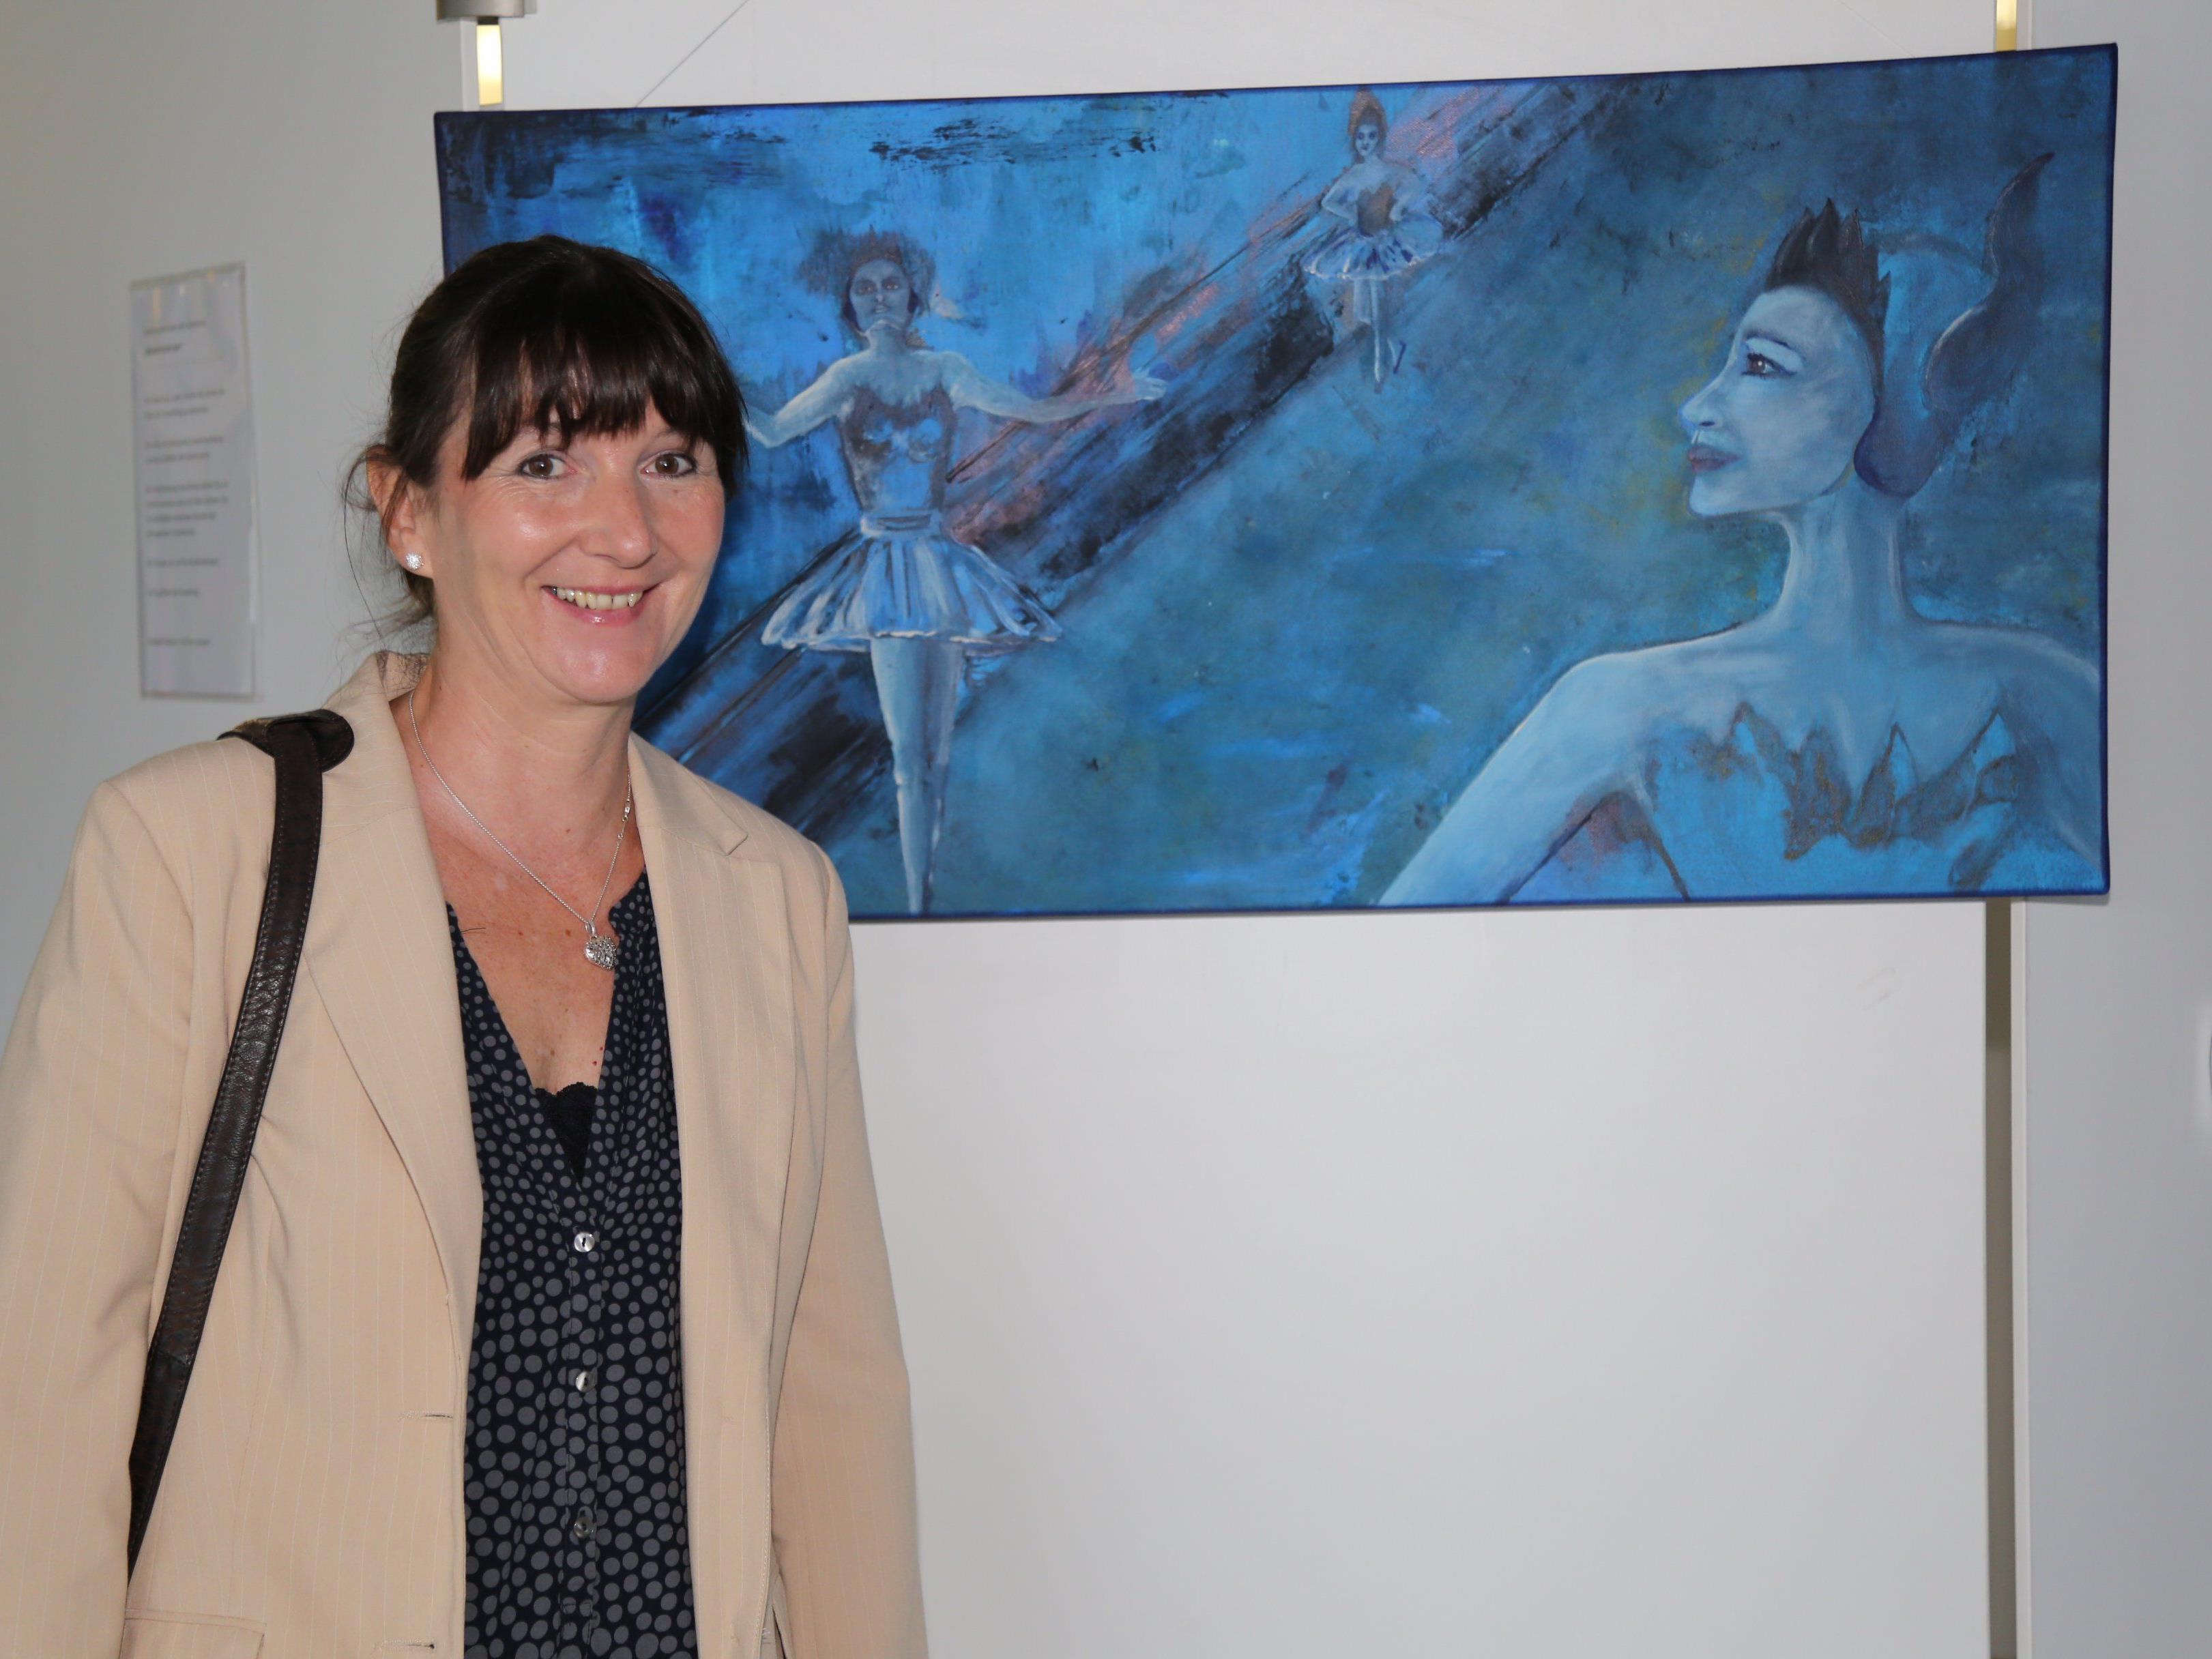 Elisabeth Bösch und Günther Lampert stellen bis 27. August ihre Werke im LKH aus.